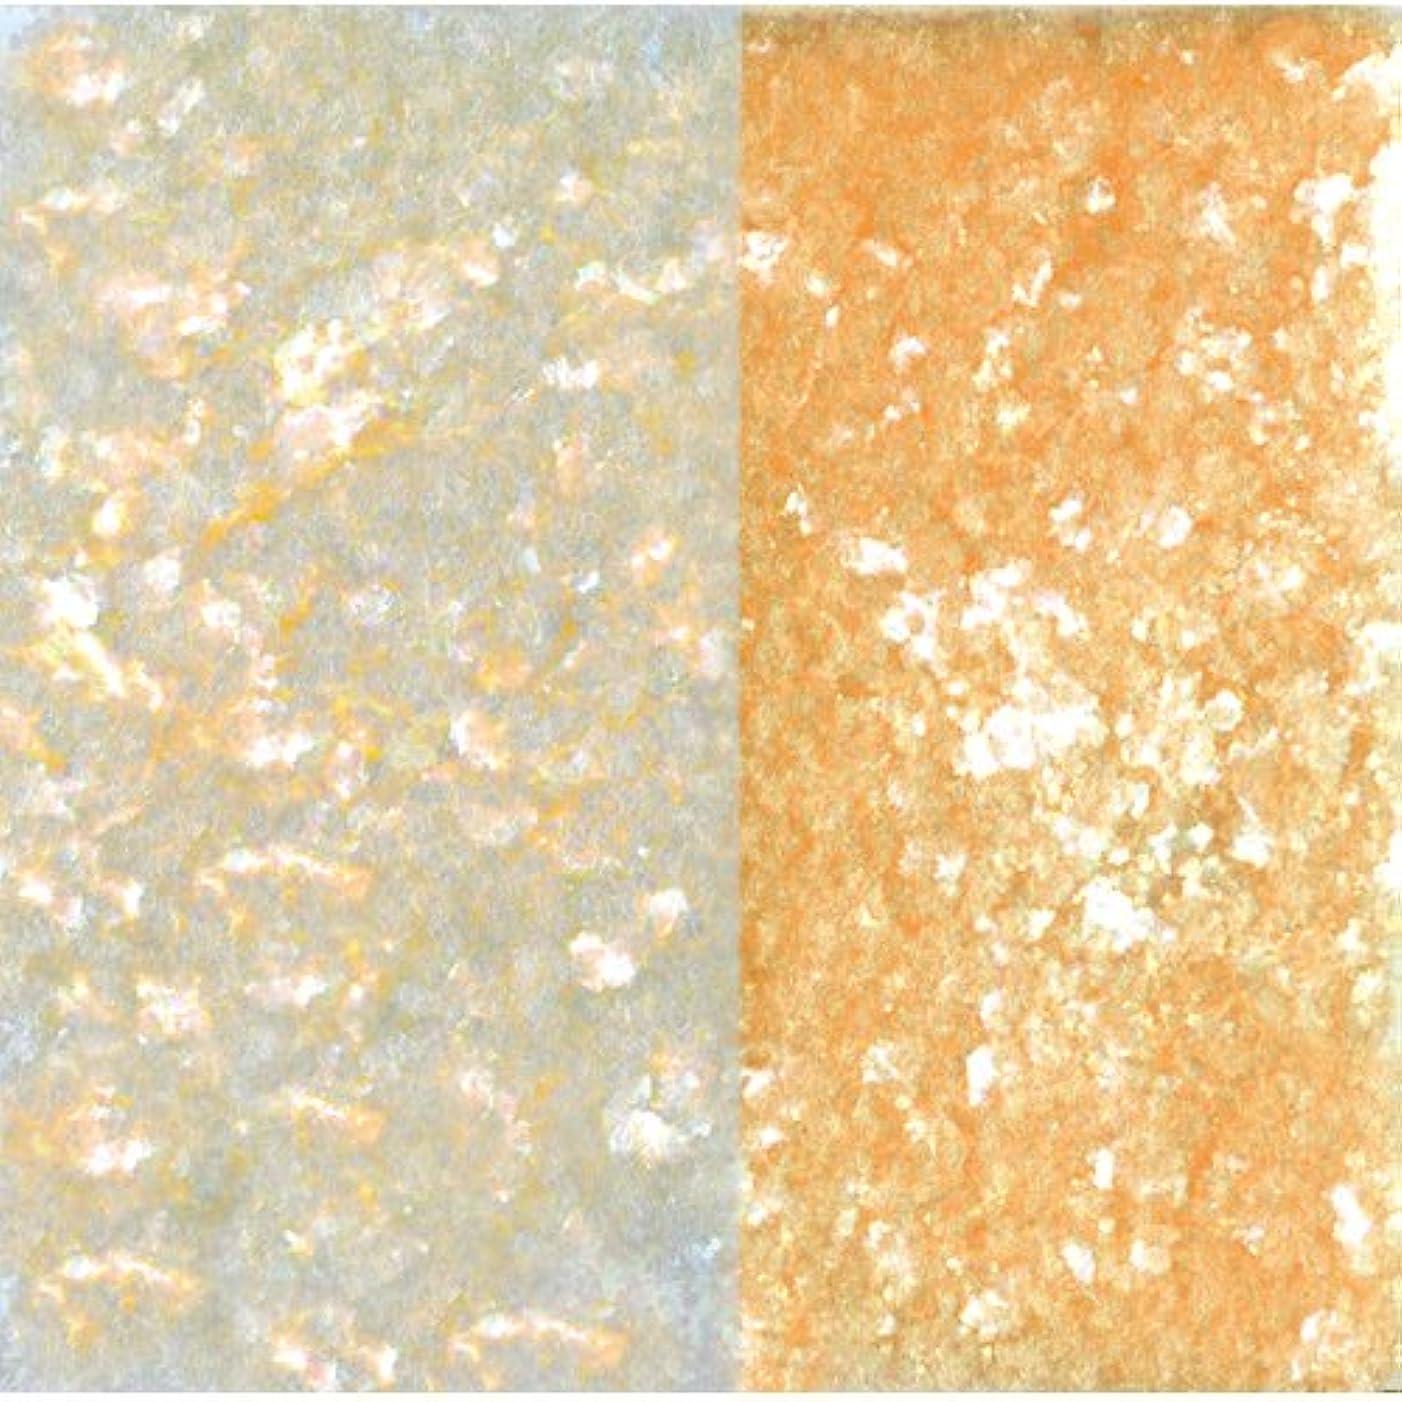 またはシーサイド裏切るピカエース ネイル用パウダー ピカエース エフェクトフレークH L #417 オレンジ 0.2g アート材